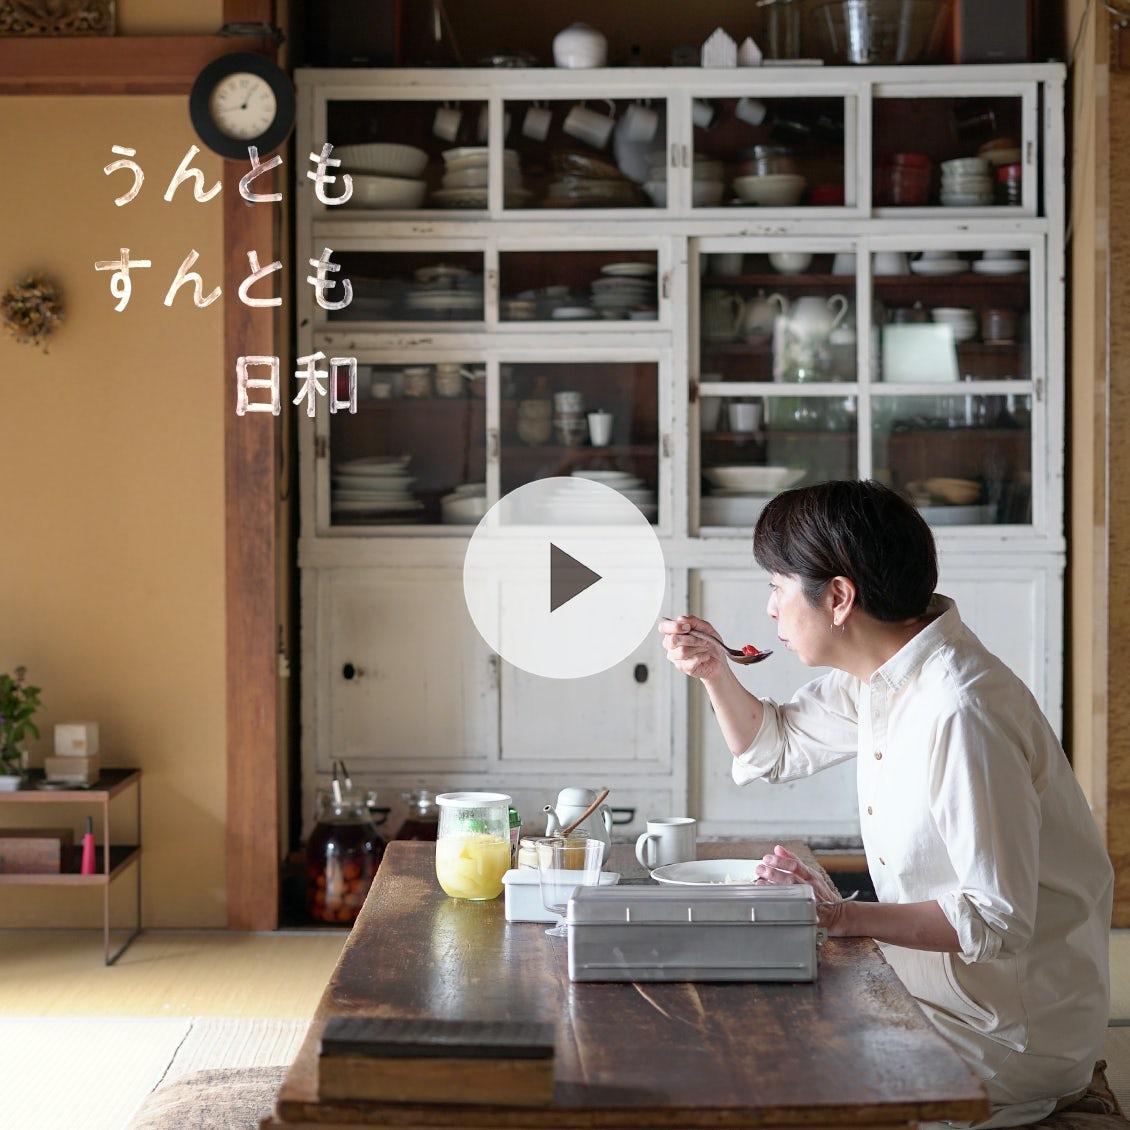 【密着!】飽き性ってなおるもの?「暮らしのおへそ」の一田憲子さんが実践する平屋暮らし。